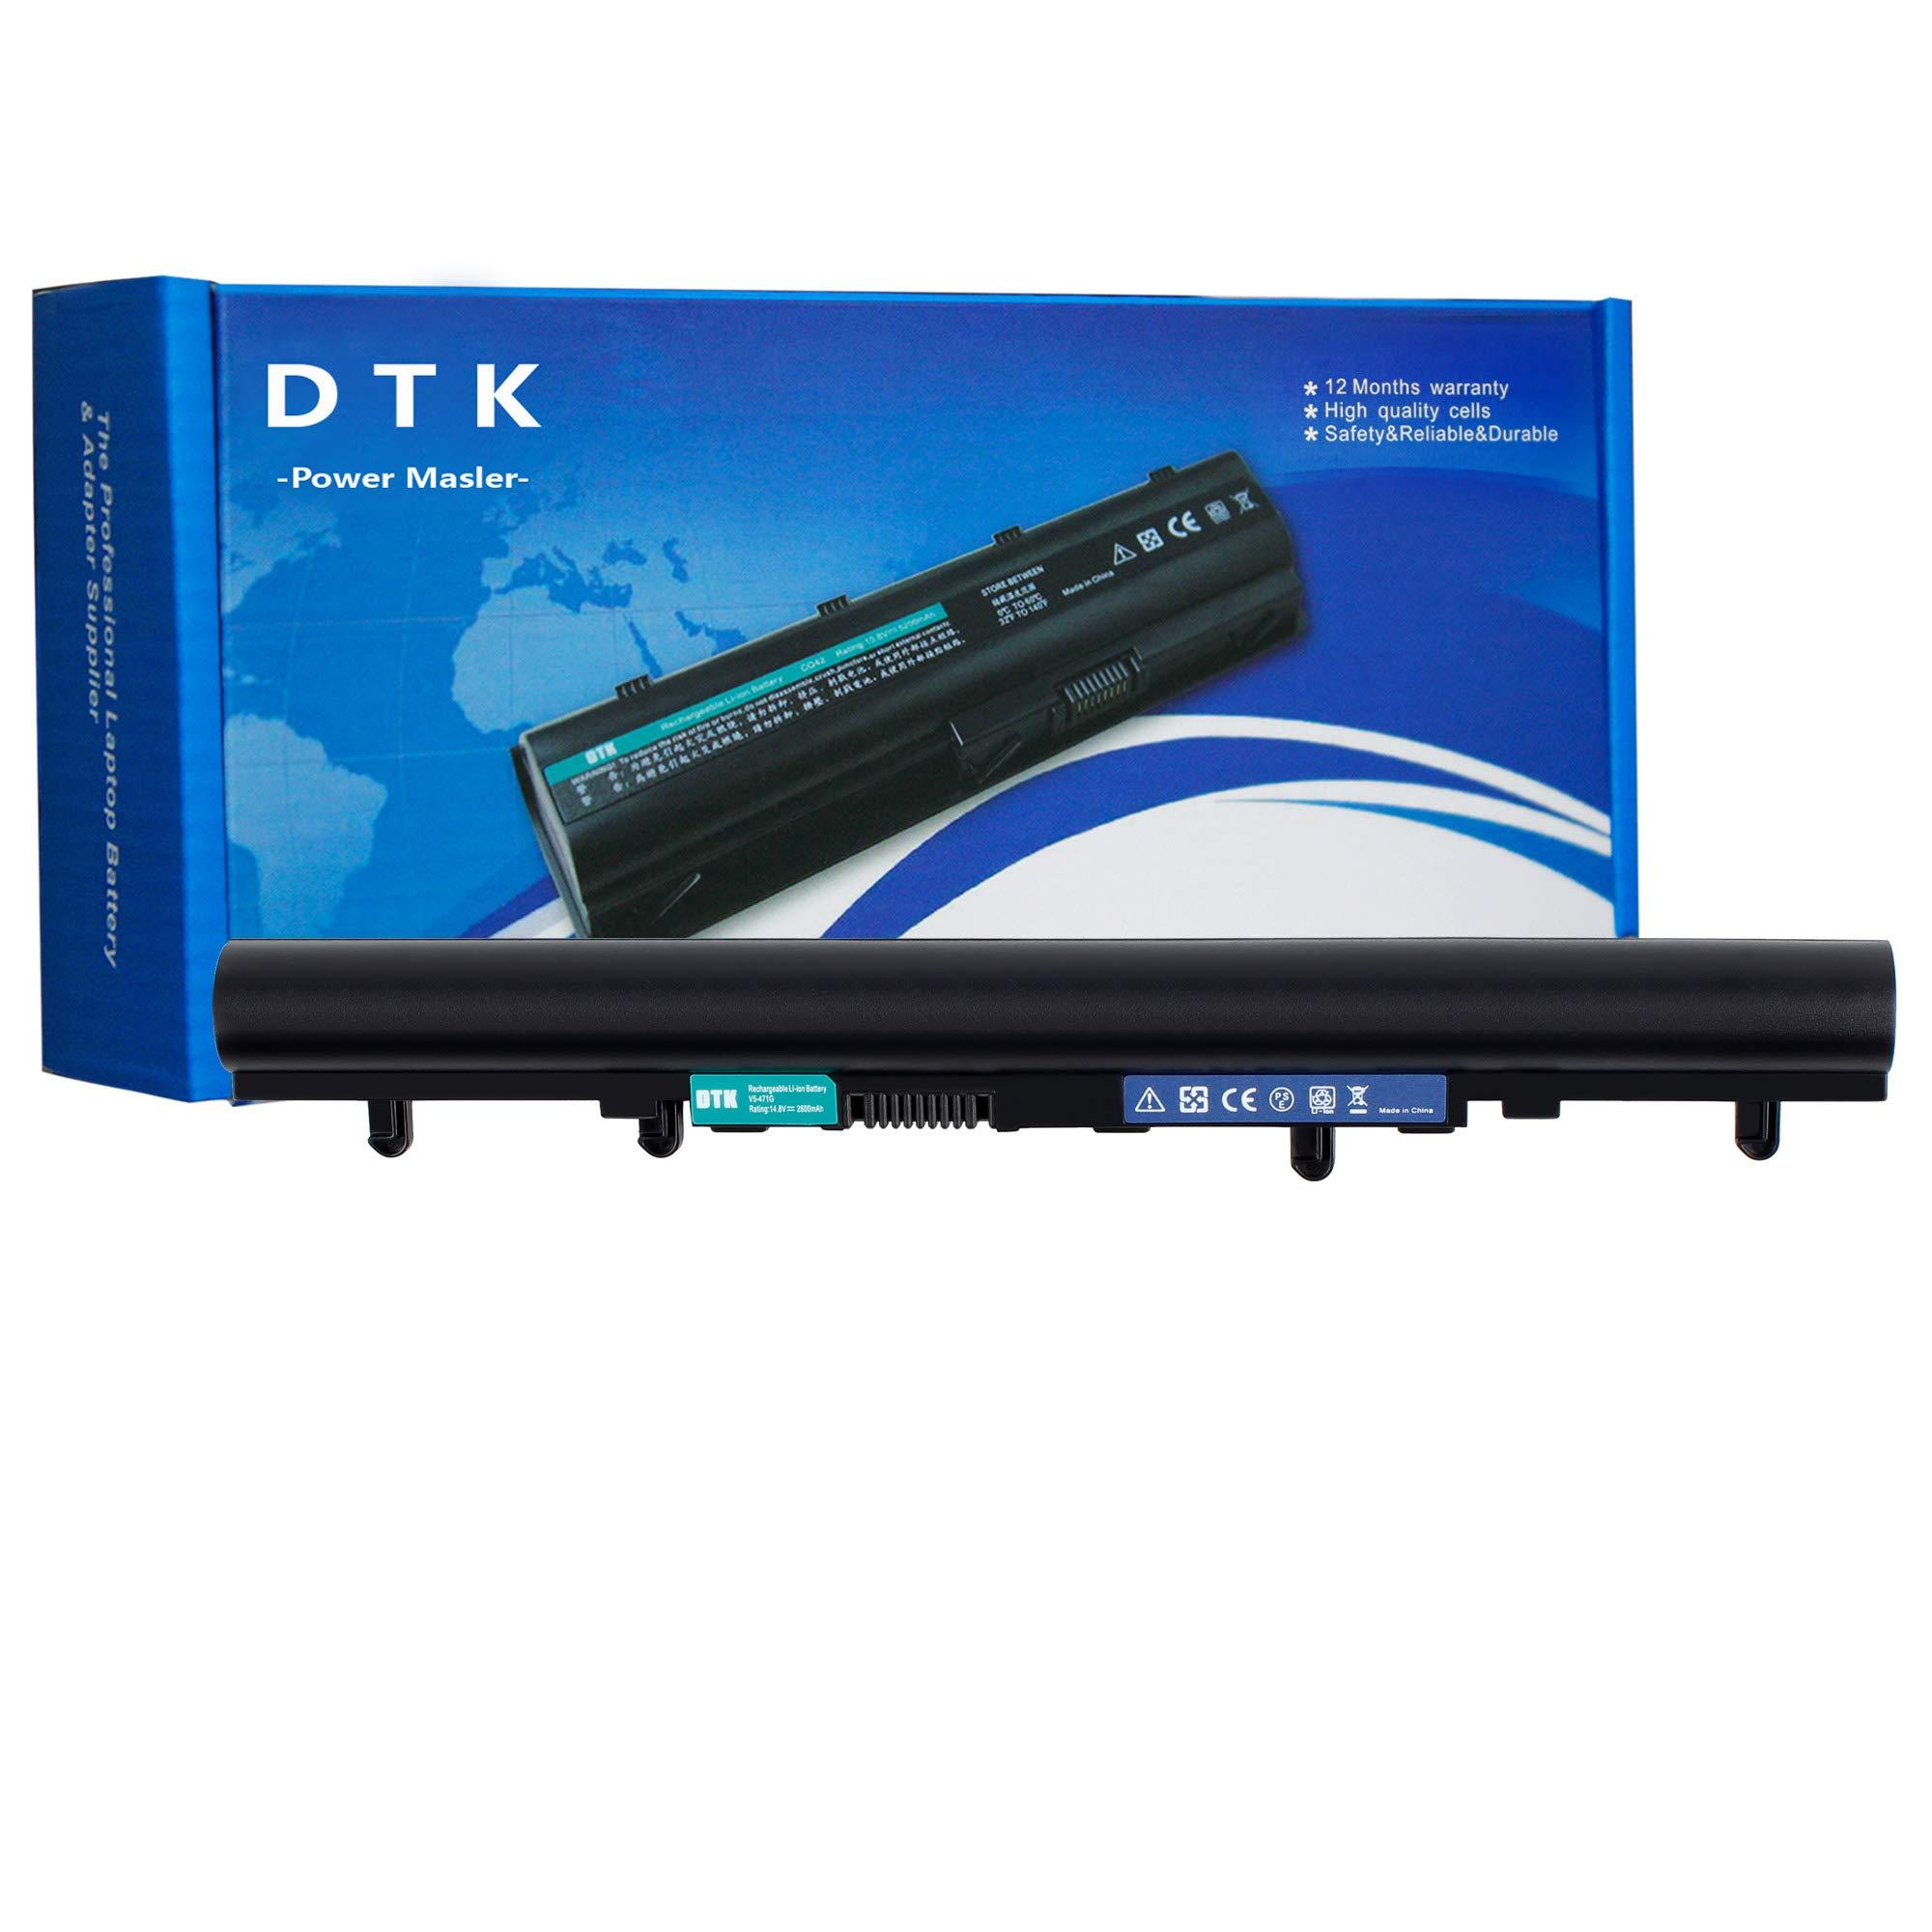 Bateria AL12A32 TZ41R1122 para ACER Aspire V5-471 V5-431 V5-531 V5-571 V5-431G/P V5-471G/P V5-531G/P V5-571G/P Batteries